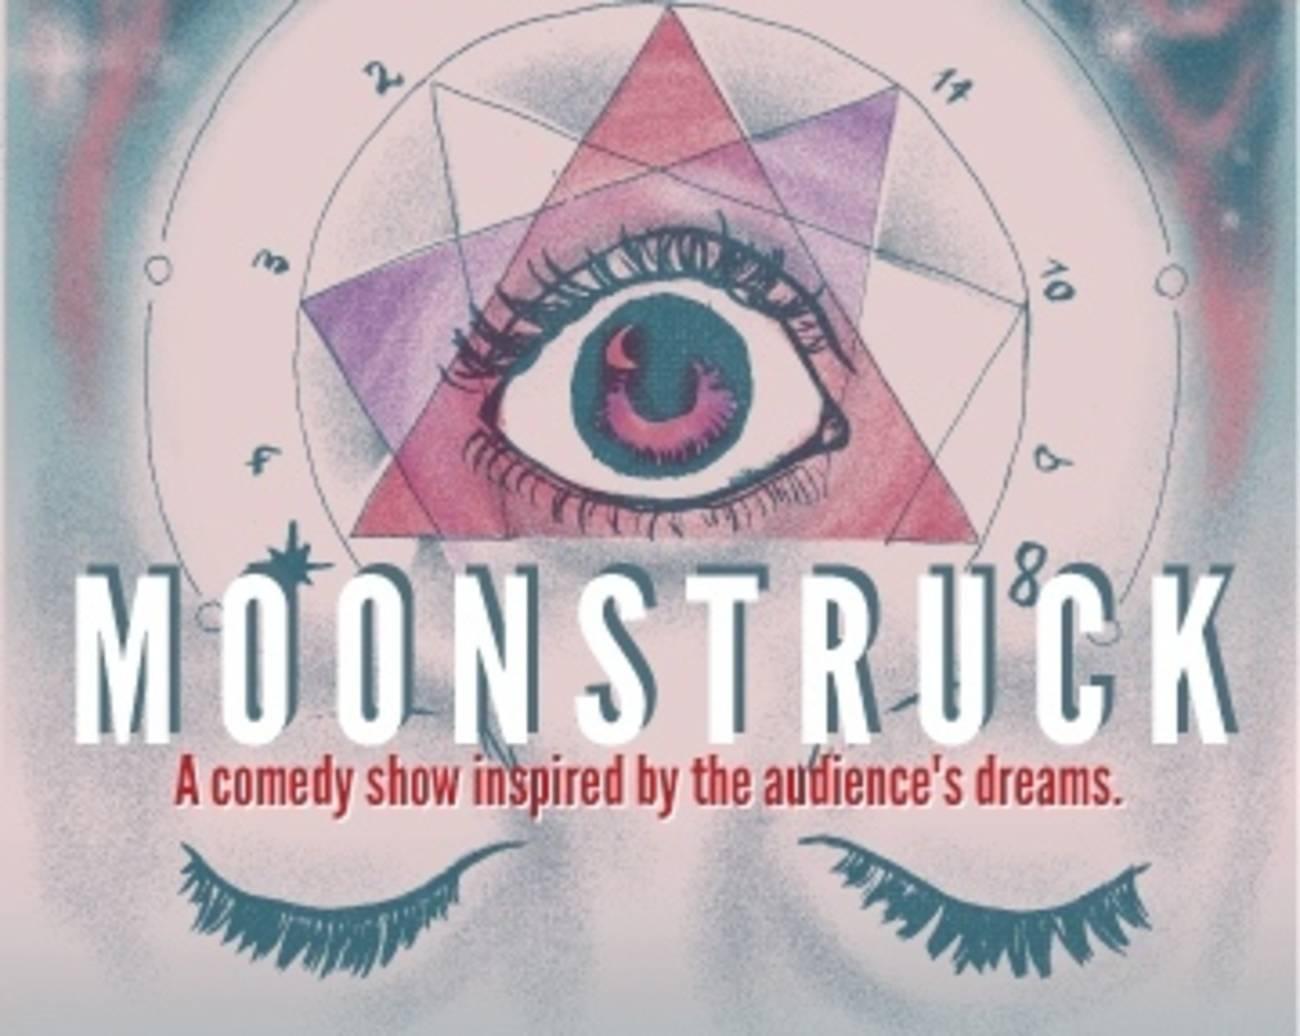 Moonstruck definition